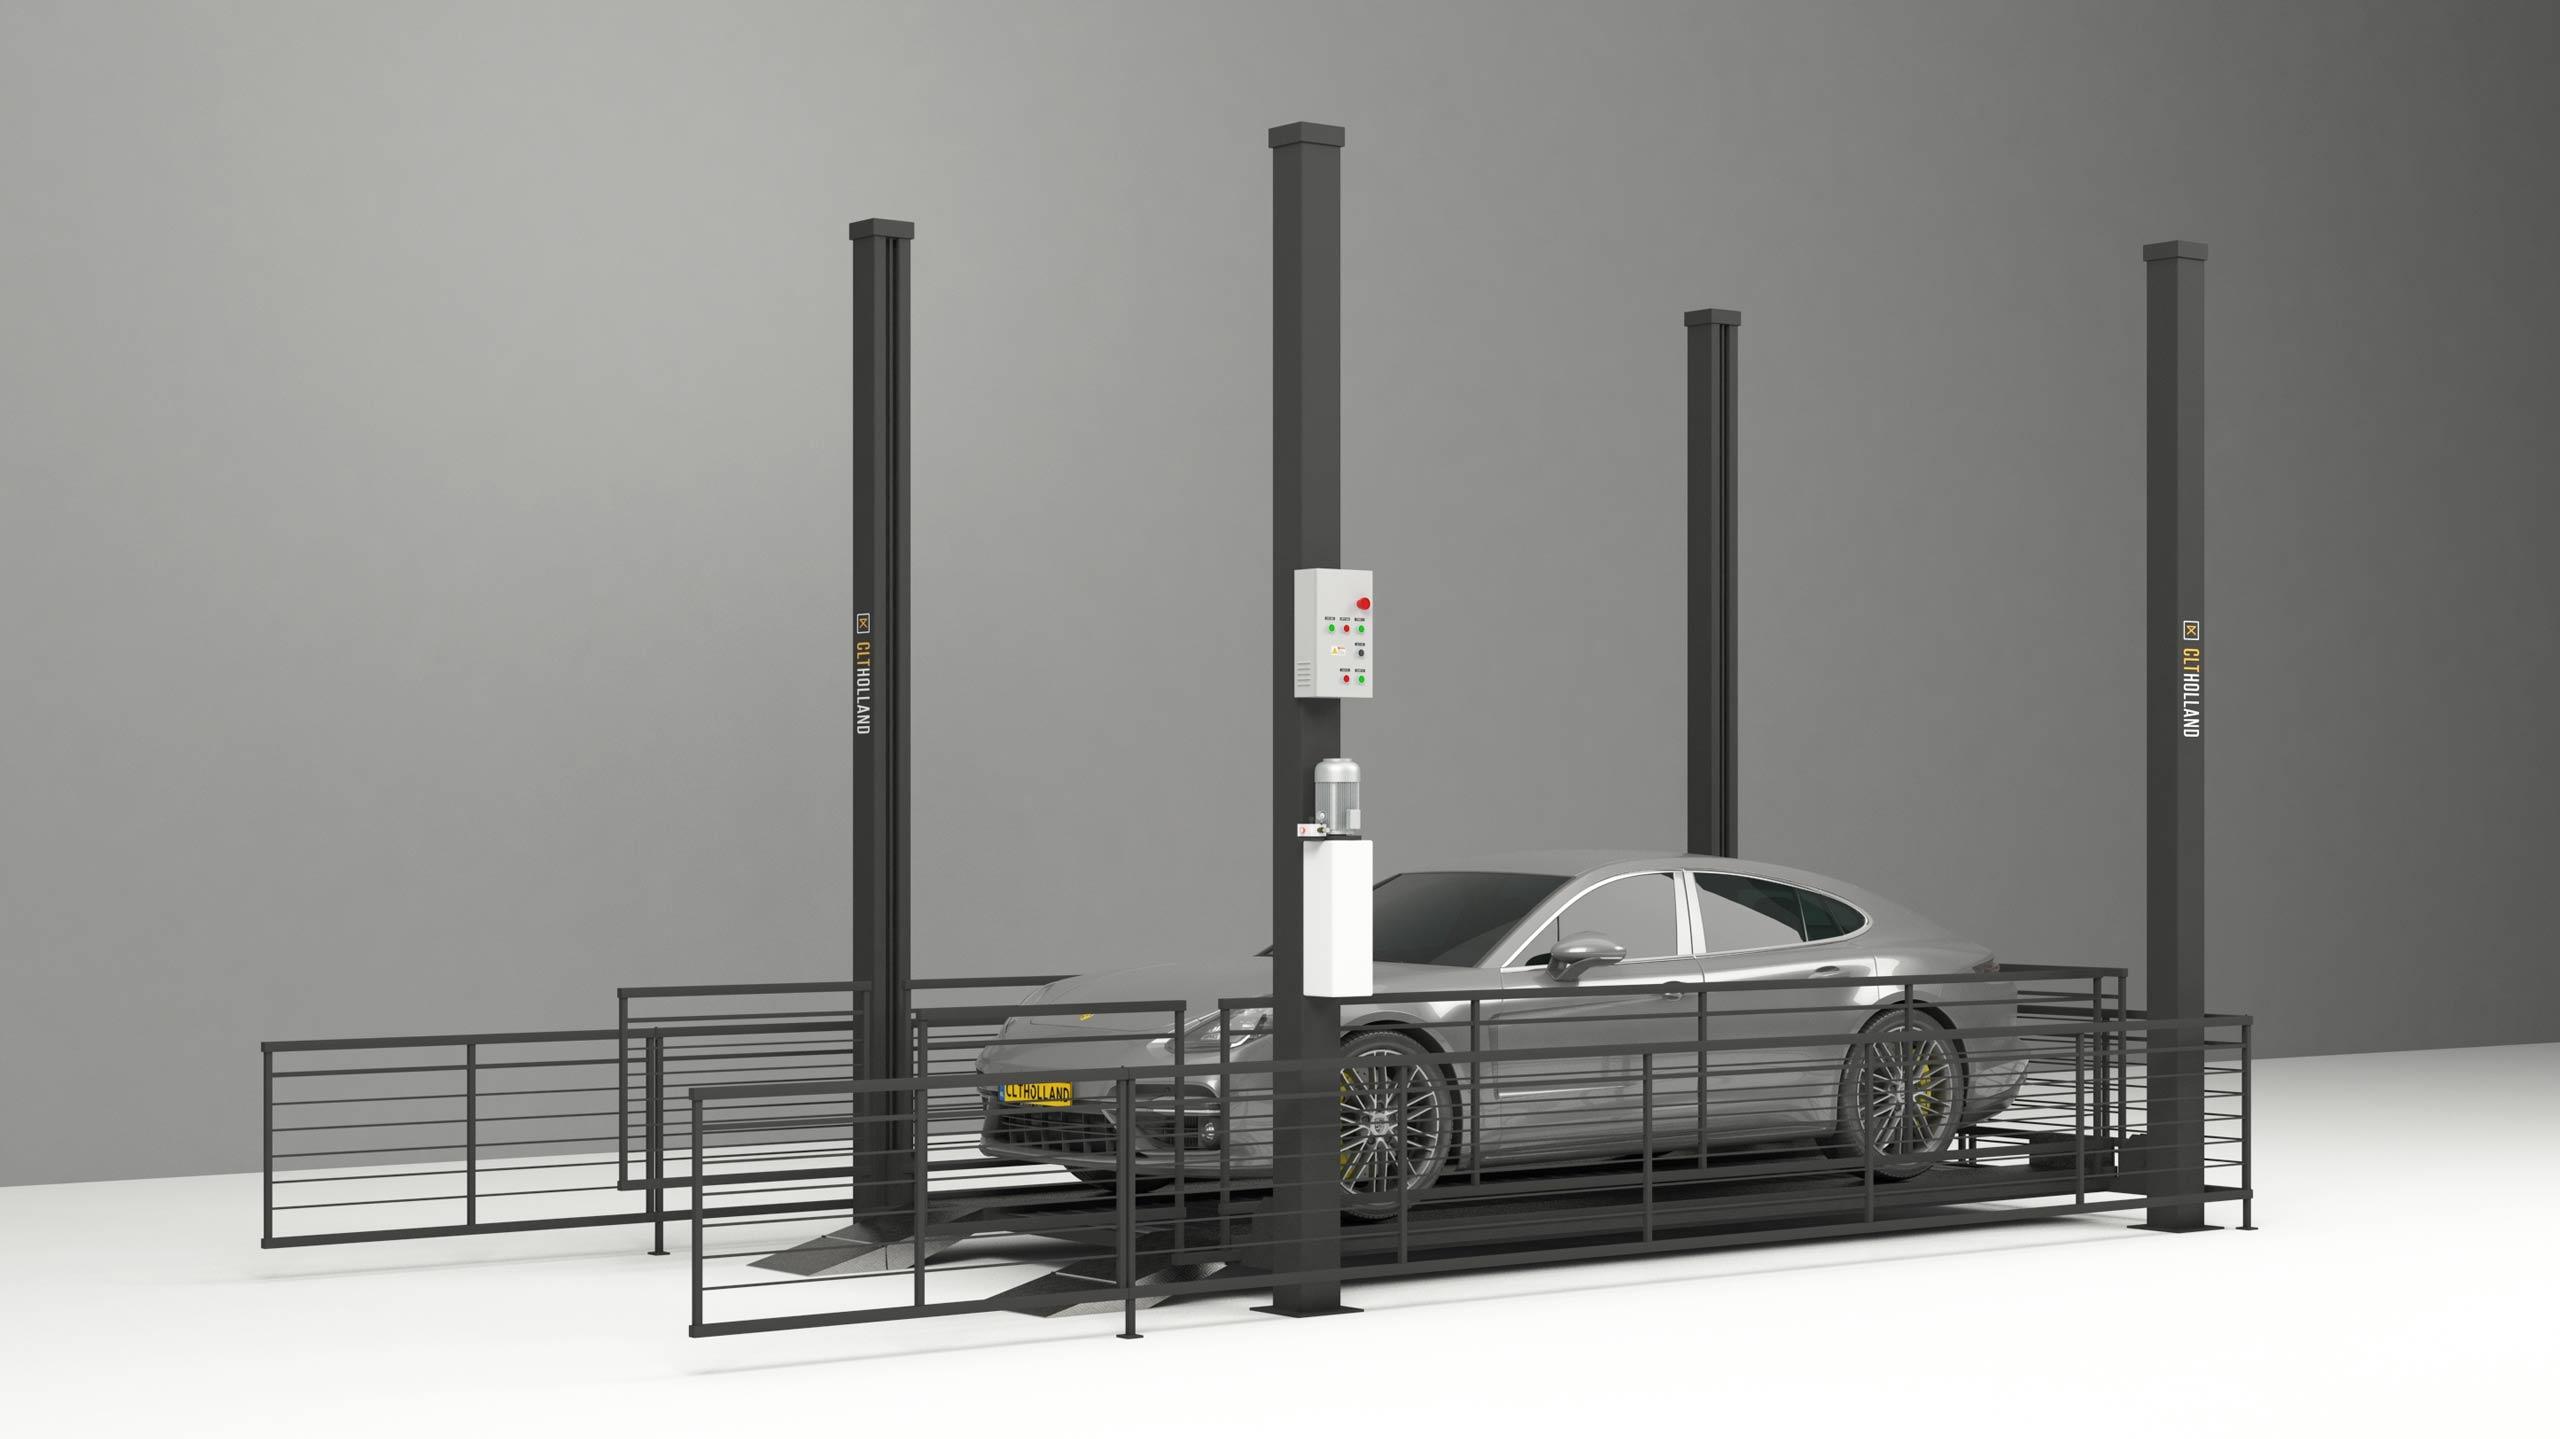 Carlift autolift voor transport naar etage of verdieping